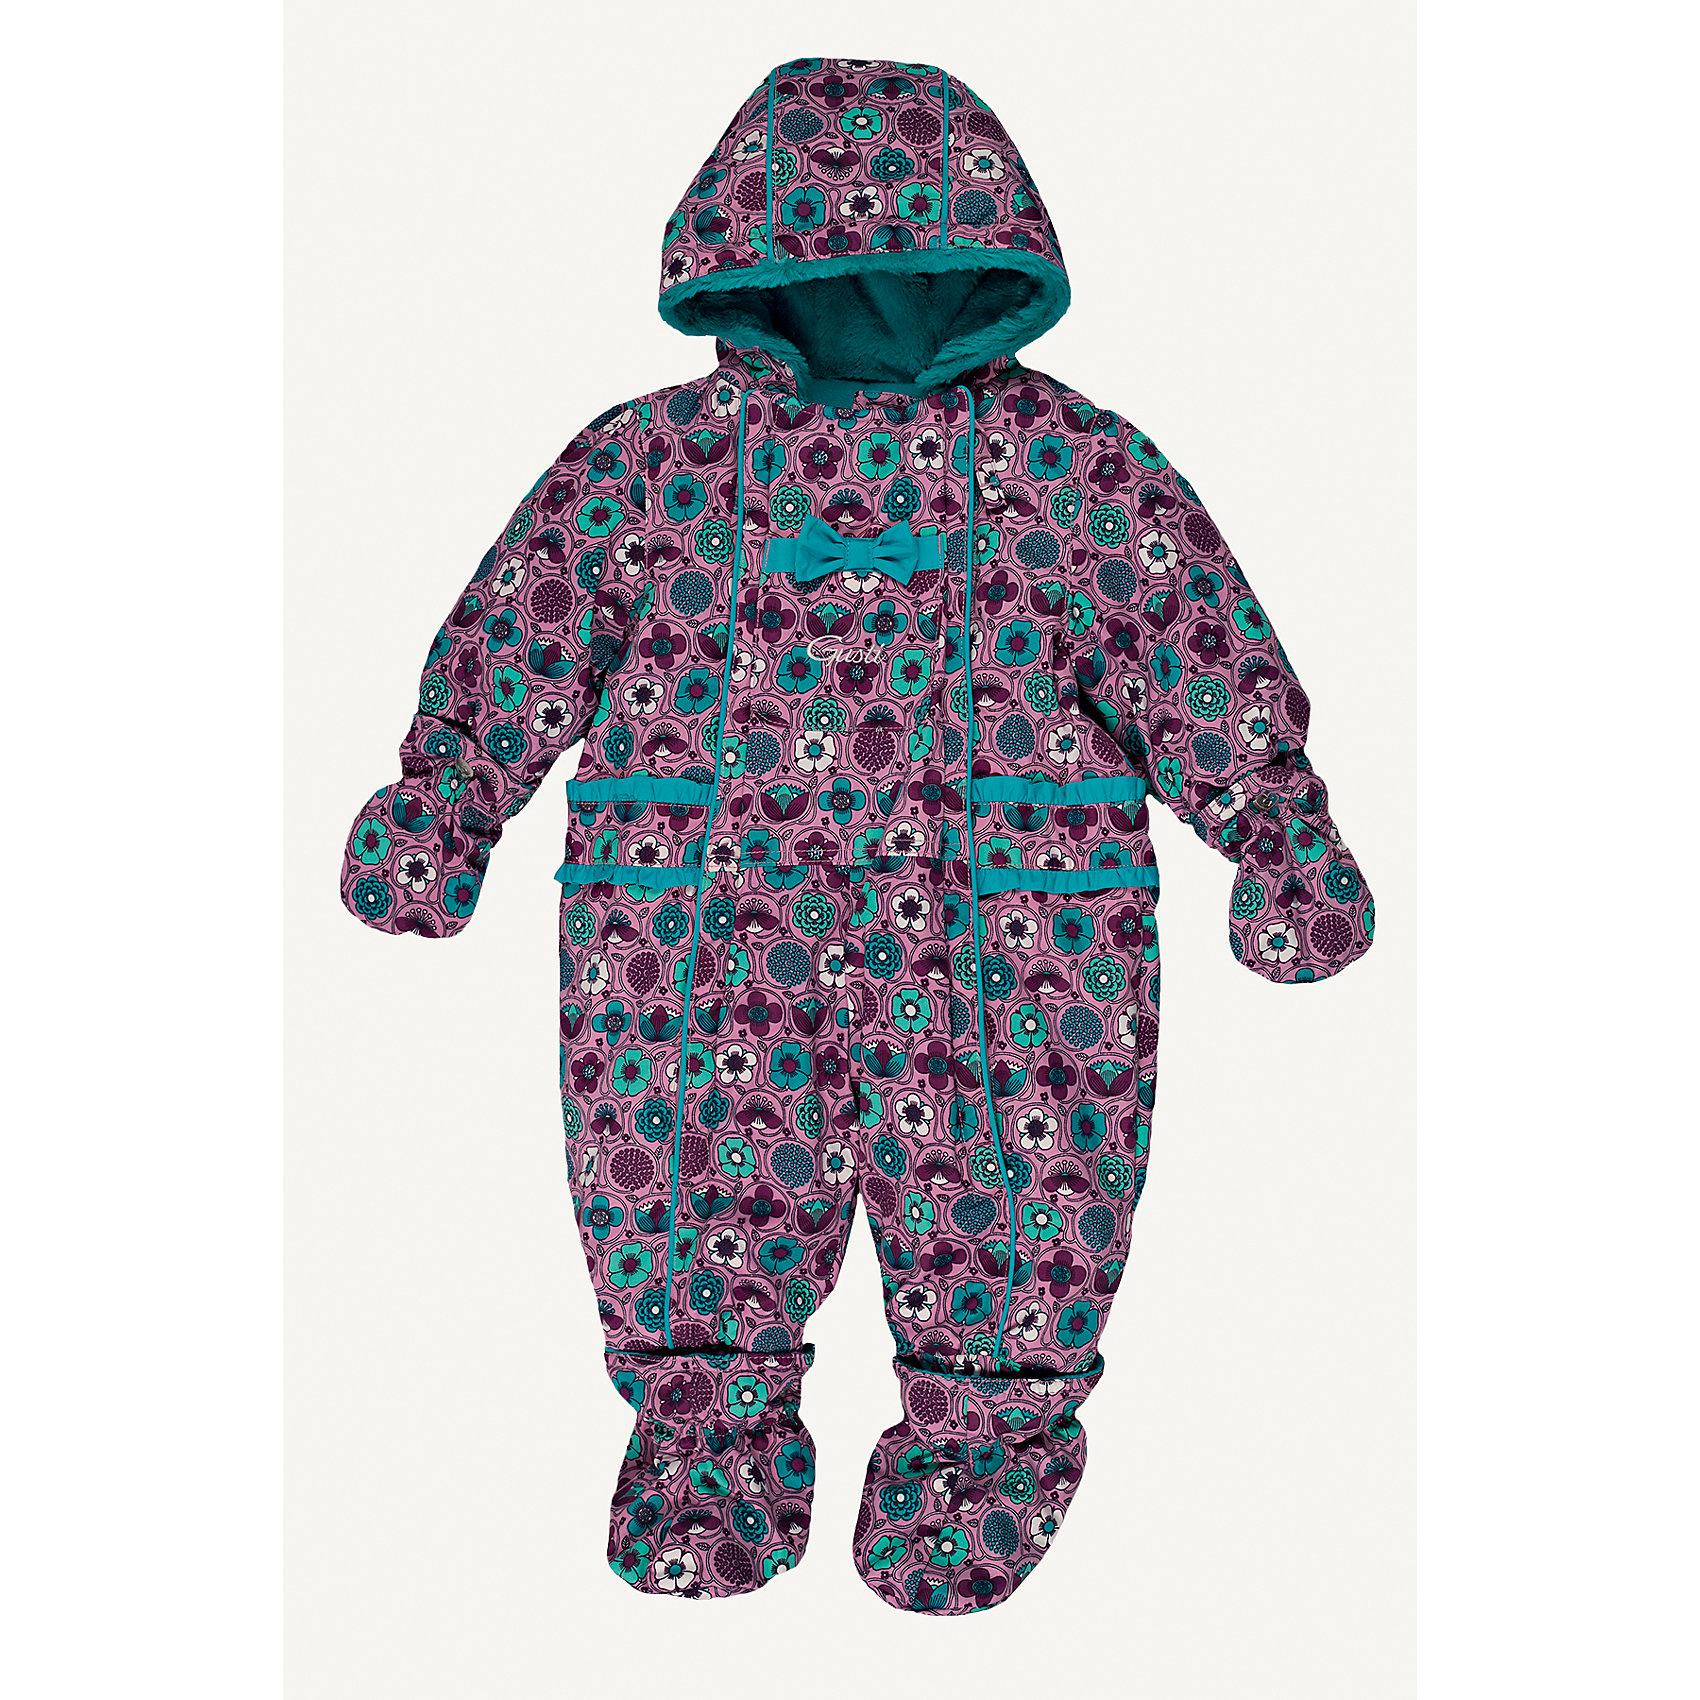 Комбинезон GUSTIВерхняя одежда<br>Комбинезон GUSTI (ГУСТИ) – это комфортный качественный комбинезон, который обеспечит надежную защиту Вашему малышу от холодов в зимний сезон.<br><br>Температурный режим: до -30  градусов. Степень утепления – высокая. <br><br>* Температурный режим указан приблизительно — необходимо, прежде всего, ориентироваться на ощущения ребенка. Температурный режим работает в случае соблюдения правила многослойности – использования флисовой поддевы и термобелья.<br><br>Зимний комбинезон для девочки от GUSTI (ГУСТИ) выполнен из плотного непромокаемого материала с защитной от влаги мембраной 5000 мм. Тань хорошо сохраняет тепло, отталкивает влагу и позволяет коже ребенка дышать. Утеплитель из тек-полифилла и флисовая внутренняя отделка дают возможность использовать комбинезон при очень низких температурах. Наличие двух молний облегчает одевание и раздевание ребенка. Несъемный капюшон изнутри отделан искусственным мехом. В комплекте отстегивающиеся варежки и пинетки. Особую нарядность комбинезону придают использованные в дизайне бантики и рюши. Цельный зимний комбинезон от GUSTI (ГУСТИ) не ограничивает движений и идеально защищает от ветра, холода и низких температур. Модель подходит для прогулок на морозе до -30 градусов.<br><br>Дополнительная информация:<br><br>- Сезон: зима<br>- Температурный режим до -30 градусов<br>- Основной цвет: фиолетовый<br>- Материал верха: shuss 5000мм (100% полиэстер)<br>- Наполнитель: тек-полифилл плотностью 283 гр/м (10 унций) 100% полиэстер<br>- Подкладка: флис (100% полиэстер)<br>- 2 молнии и фурнитура YKK<br>- Светоотражающие элементы 3М Scotchlite<br>- Пинетки и рукавички отстегиваются<br>- Уход: машинная стирка, легкие загрязнения можно смыть губкой без стирки<br><br>Комбинезон GUSTI (ГУСТИ) можно купить в нашем интернет-магазине.<br><br>Ширина мм: 356<br>Глубина мм: 10<br>Высота мм: 245<br>Вес г: 519<br>Цвет: лиловый<br>Возраст от месяцев: 12<br>Возраст до месяцев: 24<br>Пол: Женский<br>Возраст: Детский<br>Разме